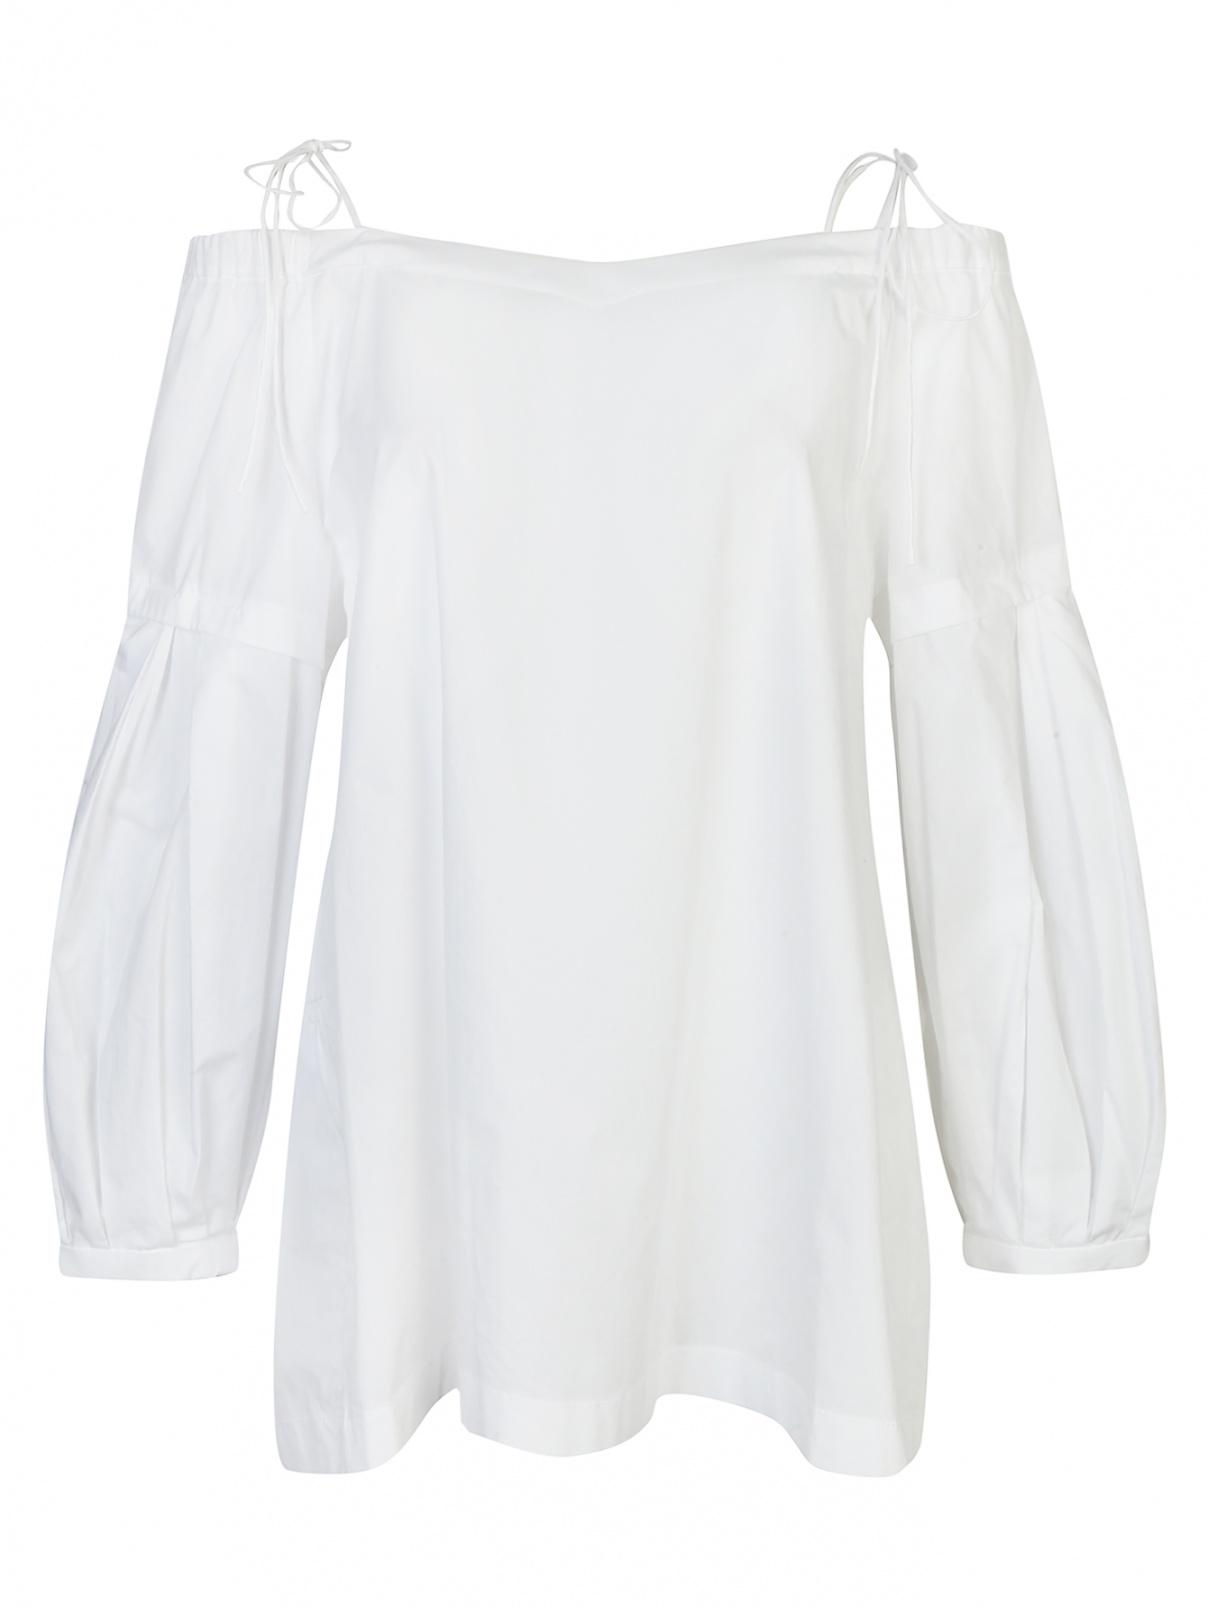 Блуза из хлопка с открытыми плечами Dorothee Schumacher  –  Общий вид